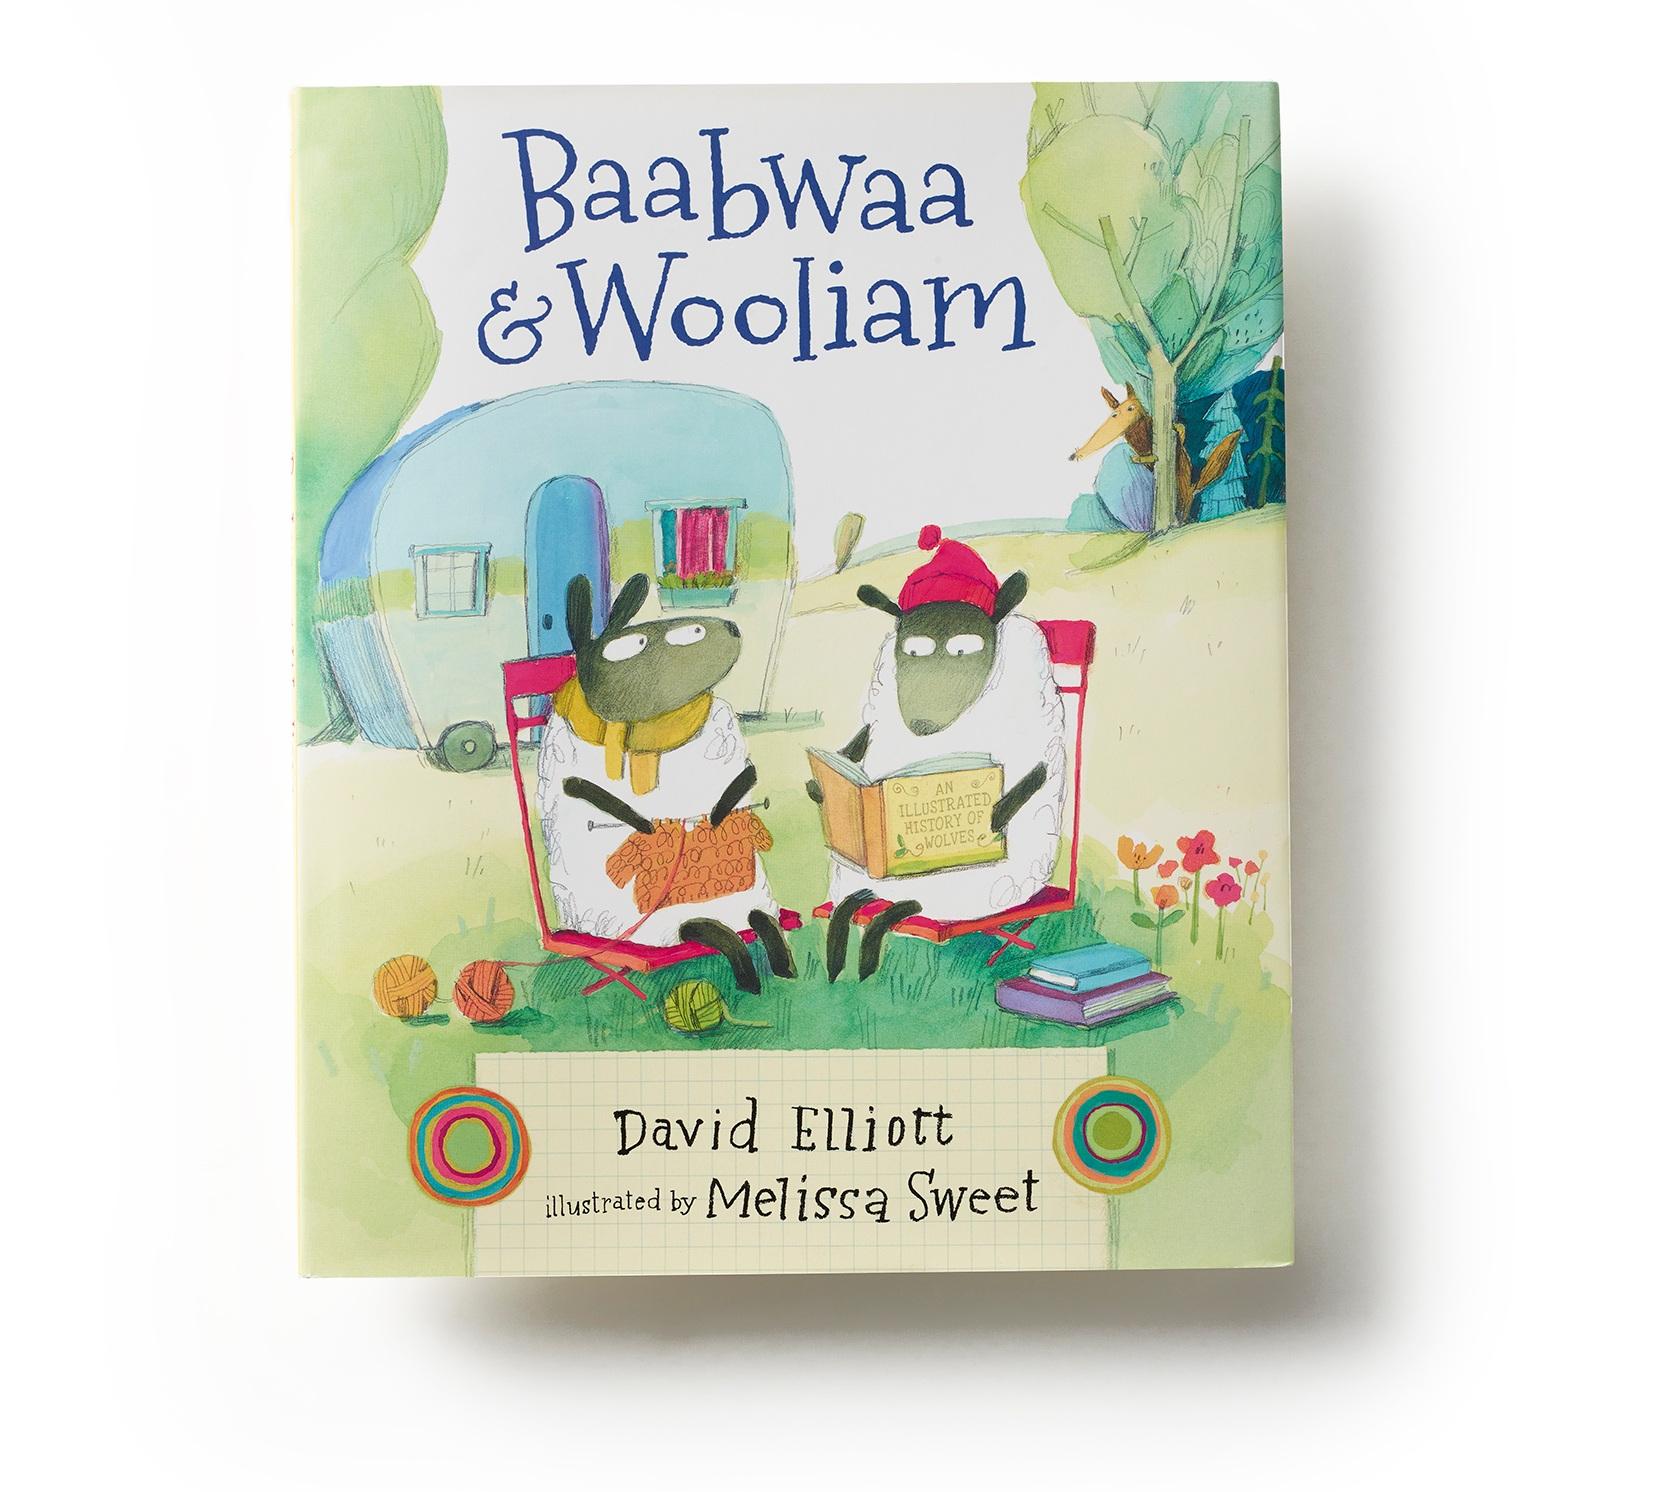 Baabwaa+%26+Wooliam+Cover.jpg